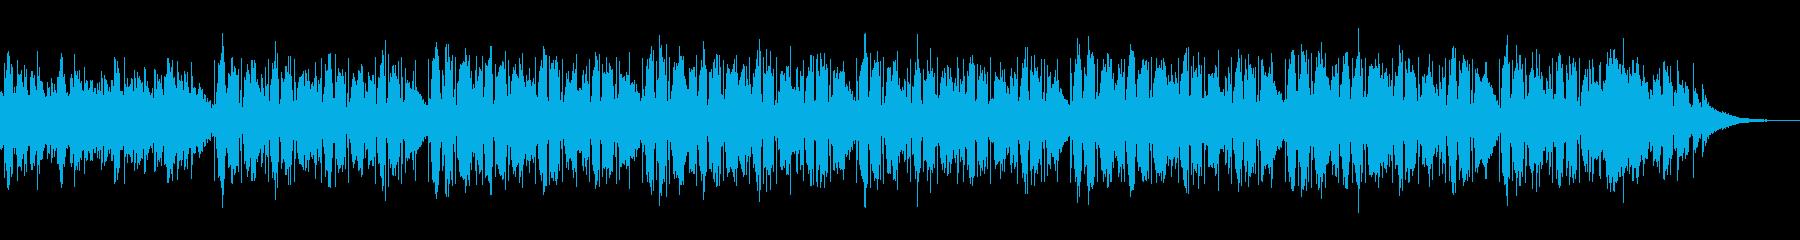 静かで悲しげなチル・ヒップホップの再生済みの波形